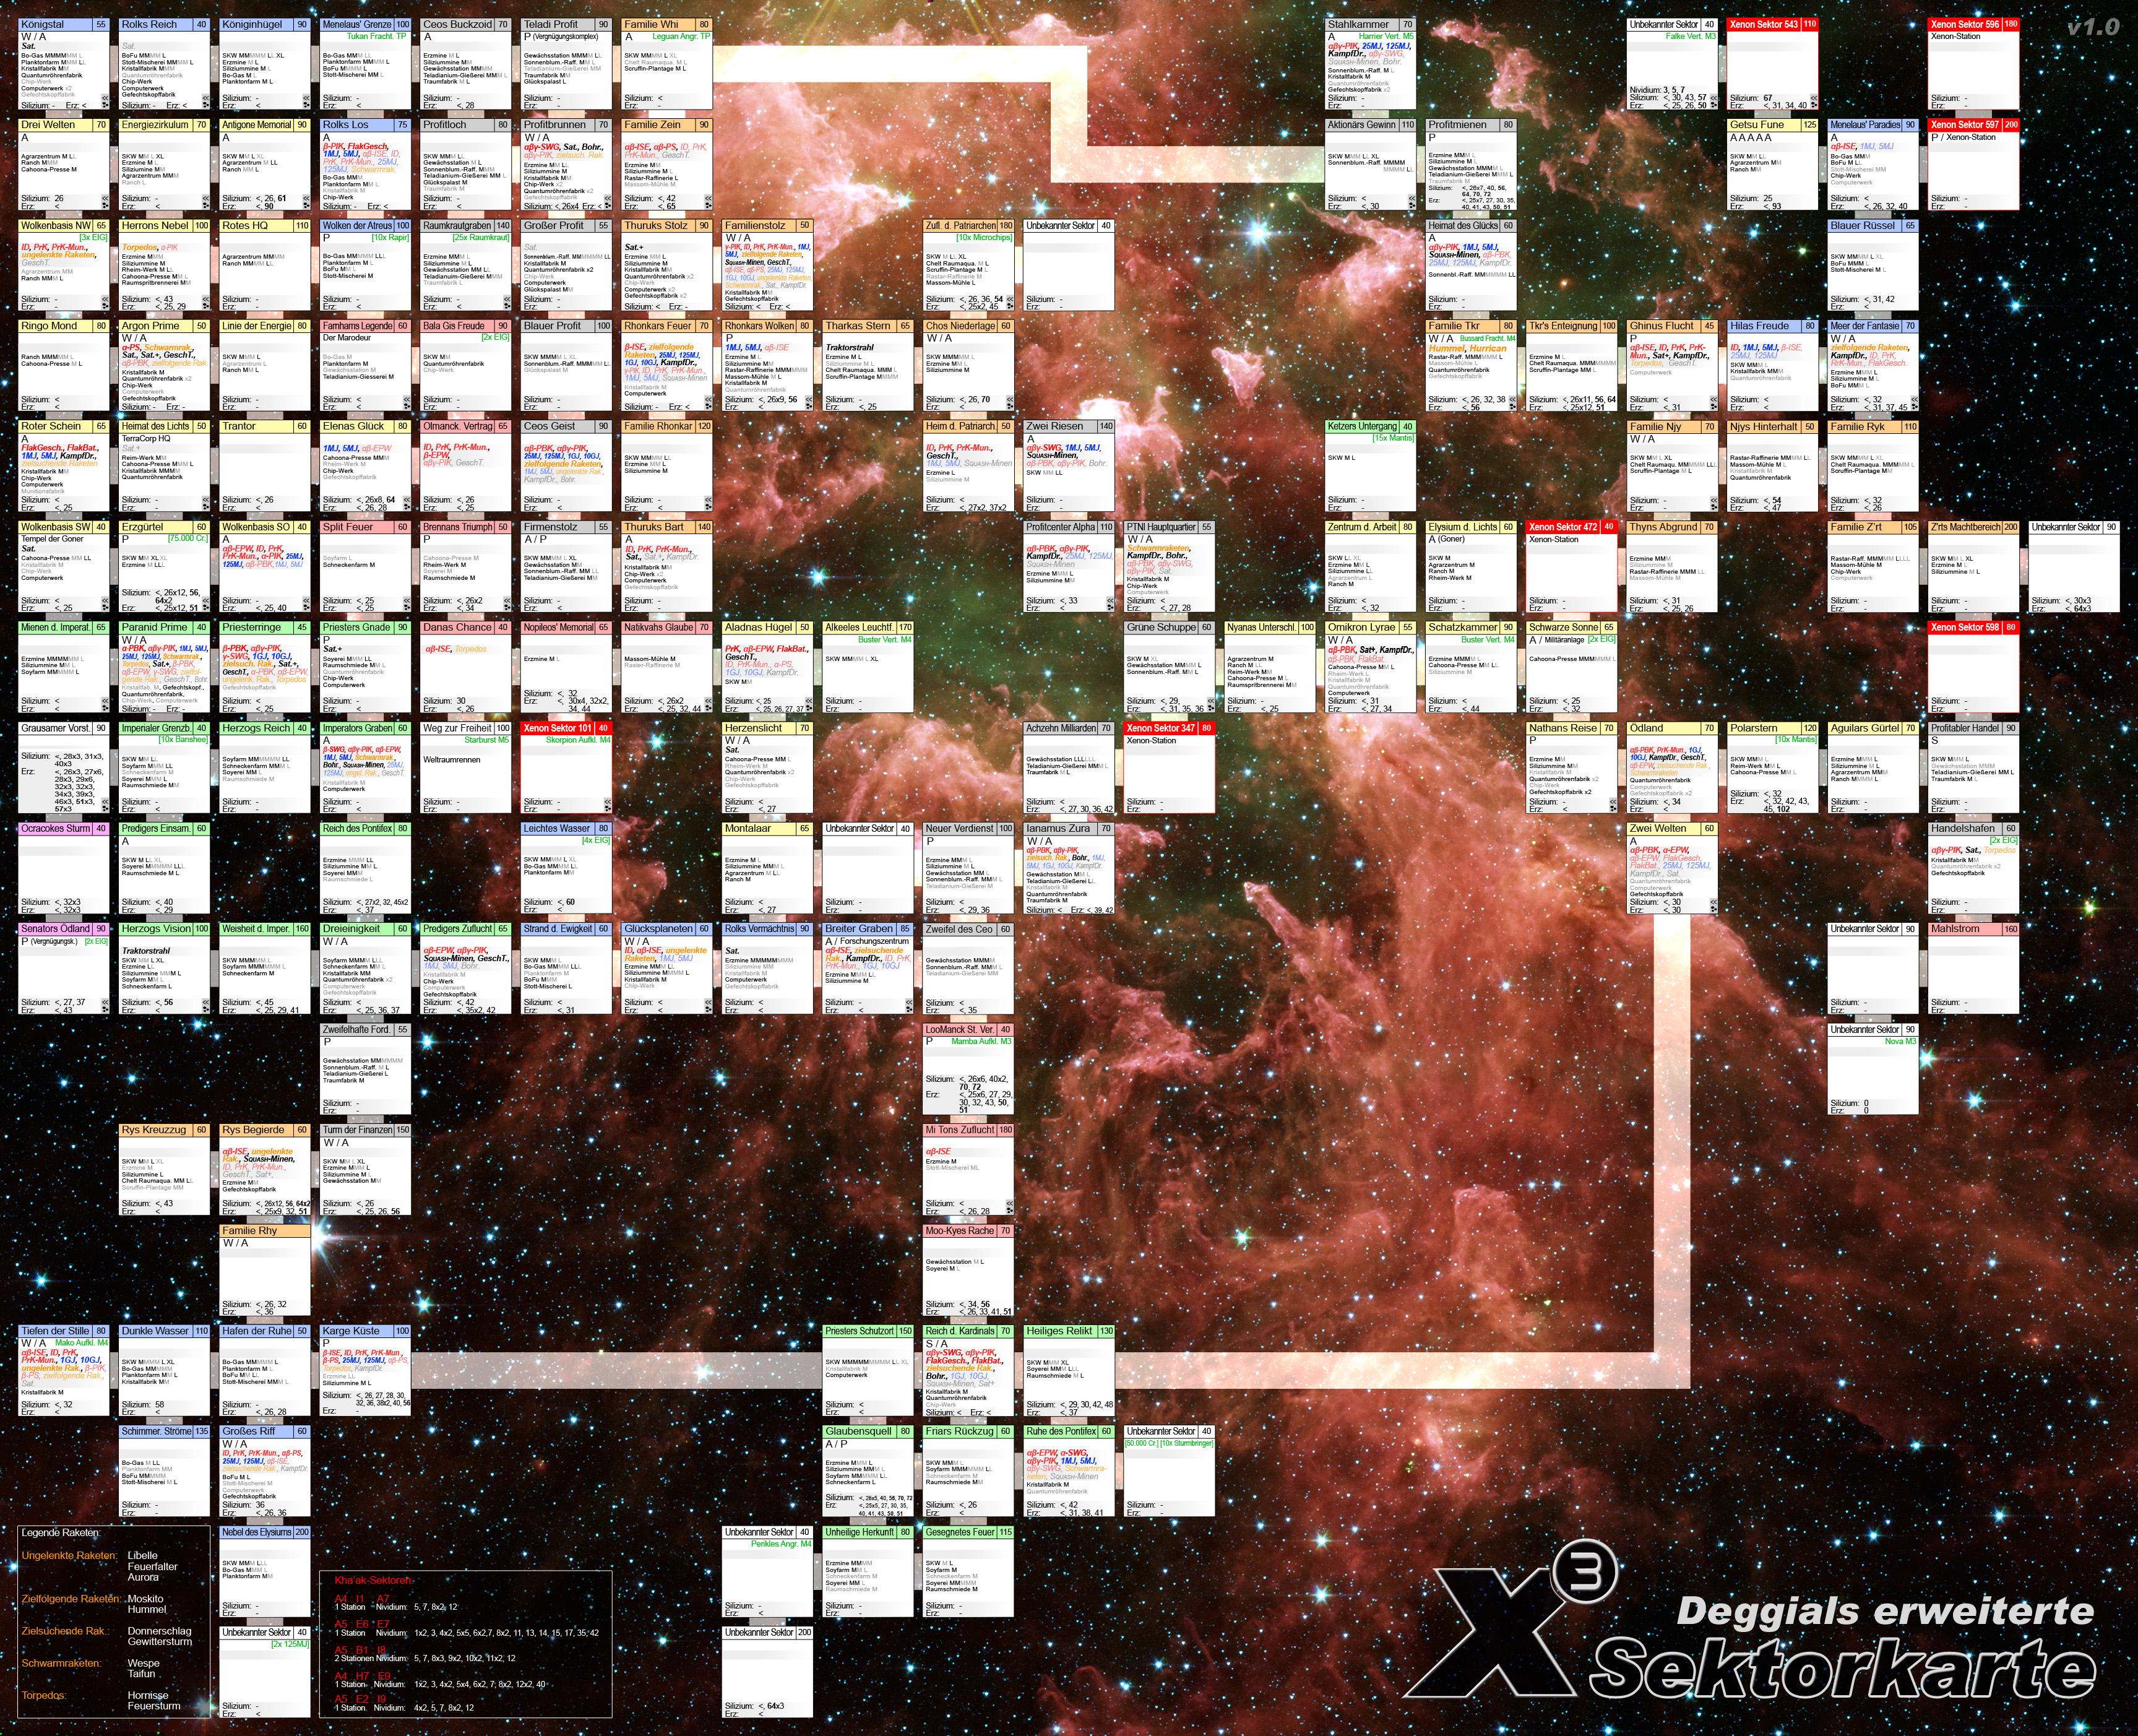 X3 Reunion Karte.X3 Reunion Karte Freischalten Staffcasa